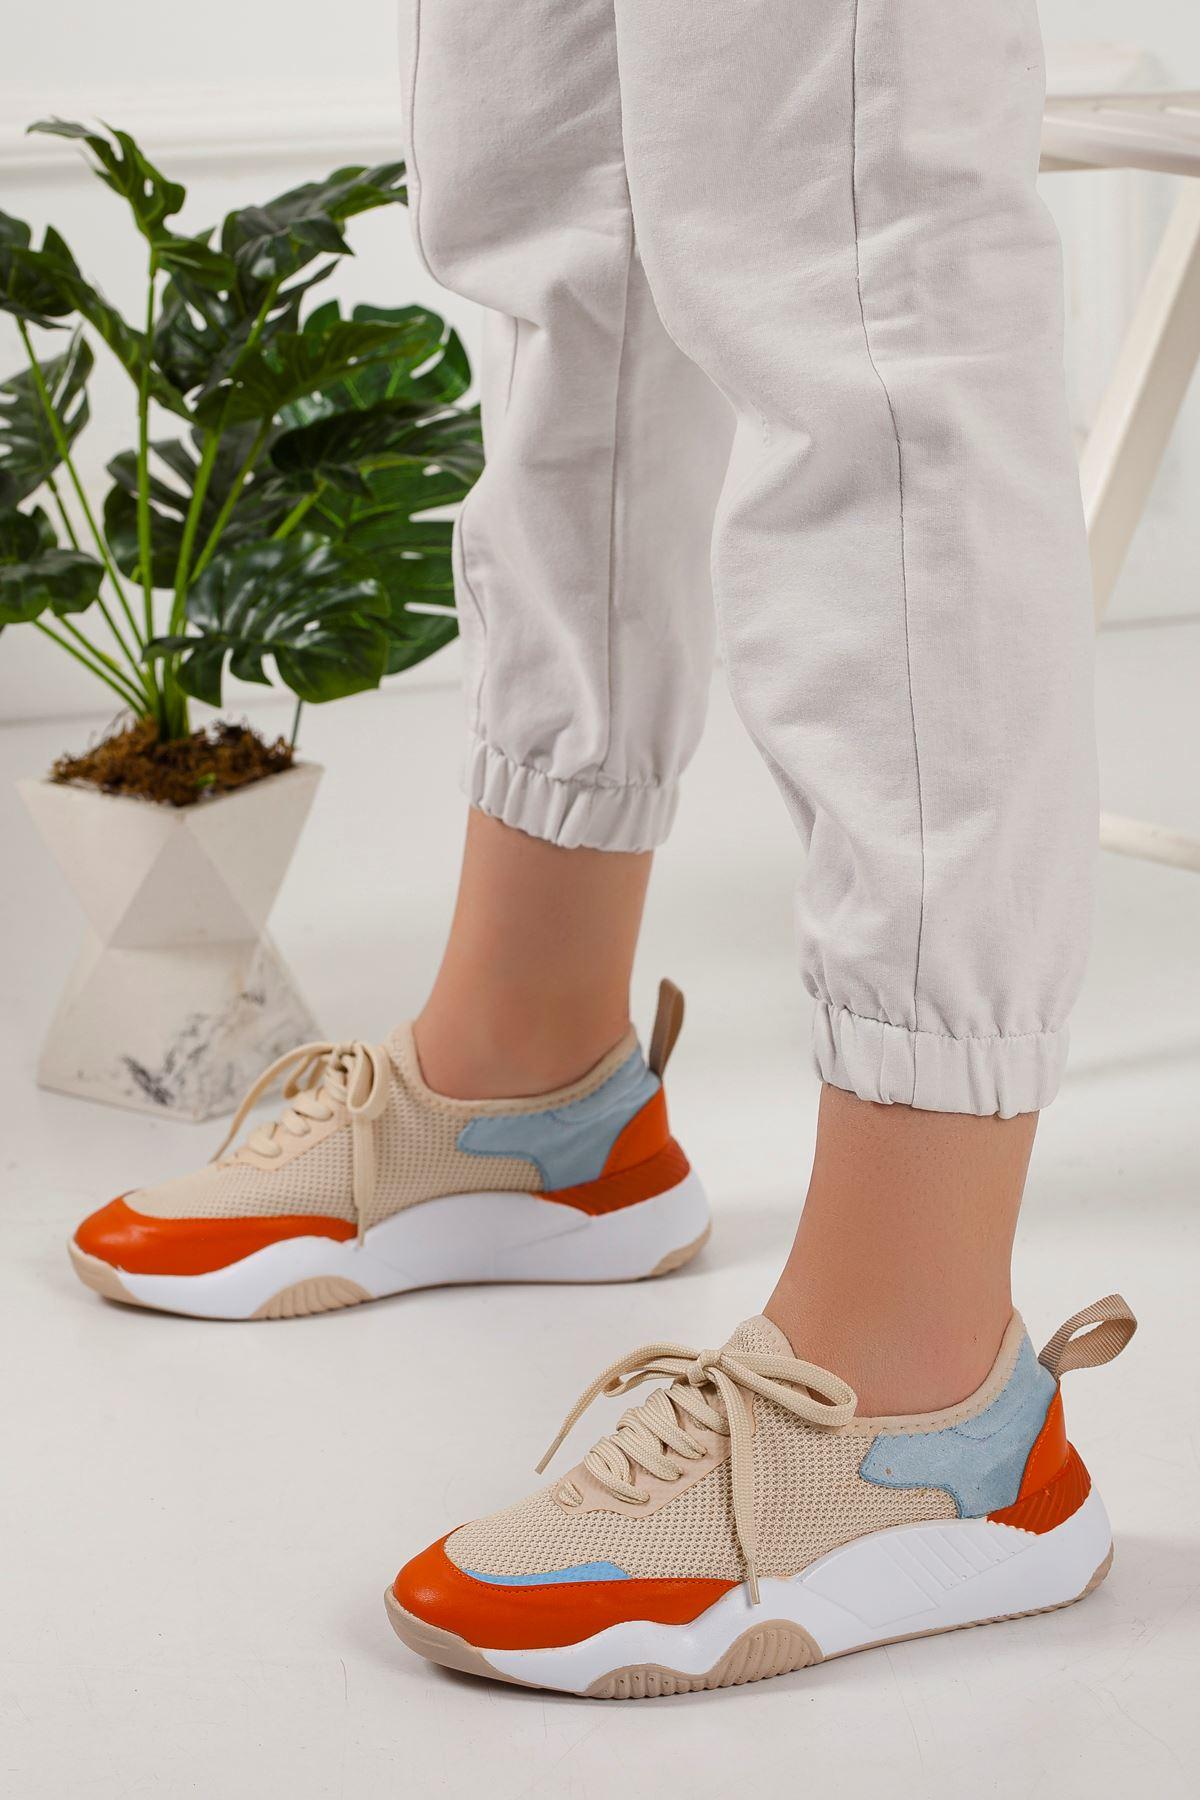 Gosra ten spor ayakkabı